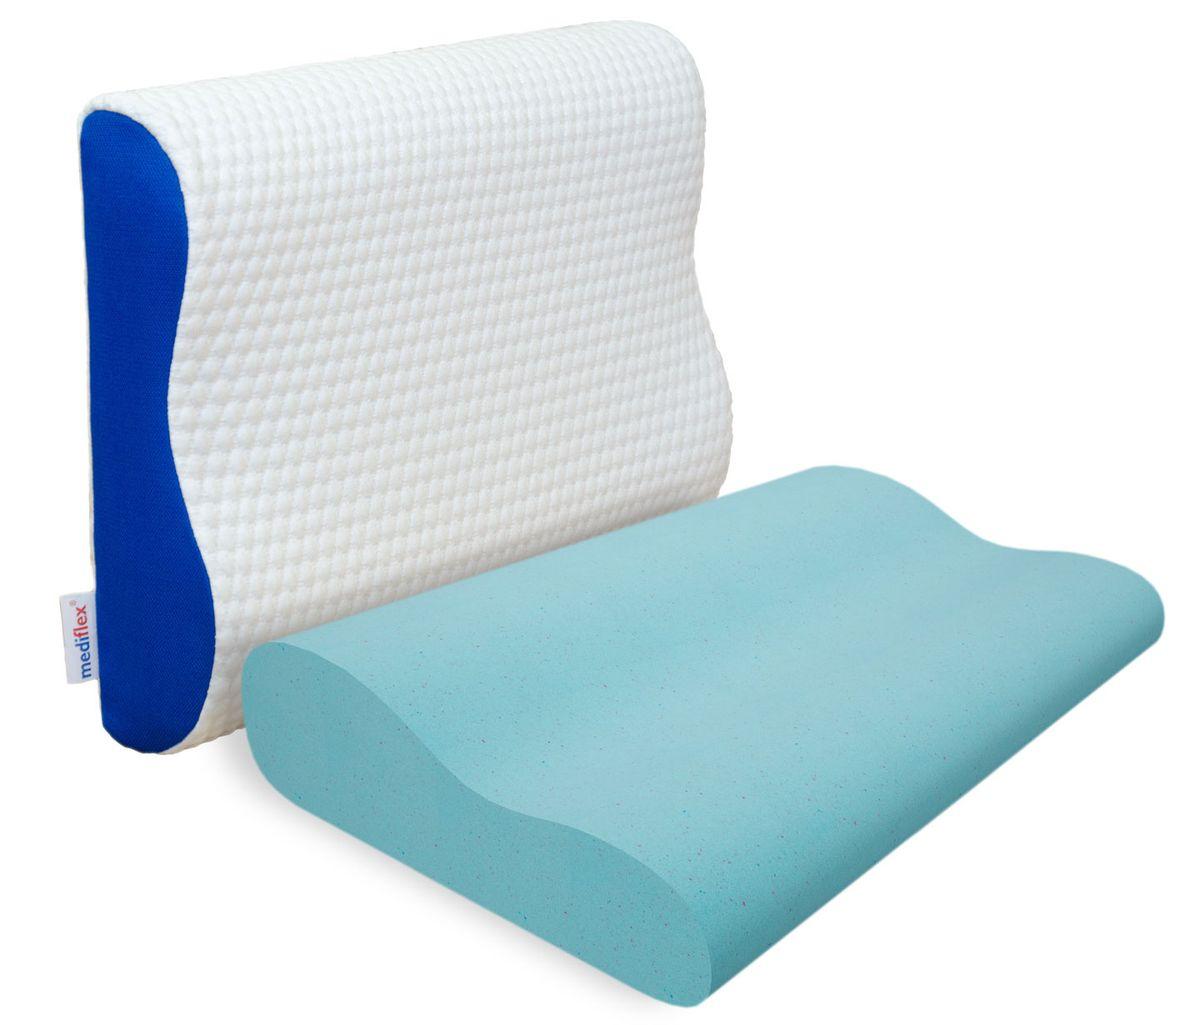 Сон на неправильной подушке является причиной ухудшения качества сна. Подушки разработаны специалистами лаборатории сна совместно с академиком В.И. Дикулем, гарантируют поддержку шейных позвонков во время сна.